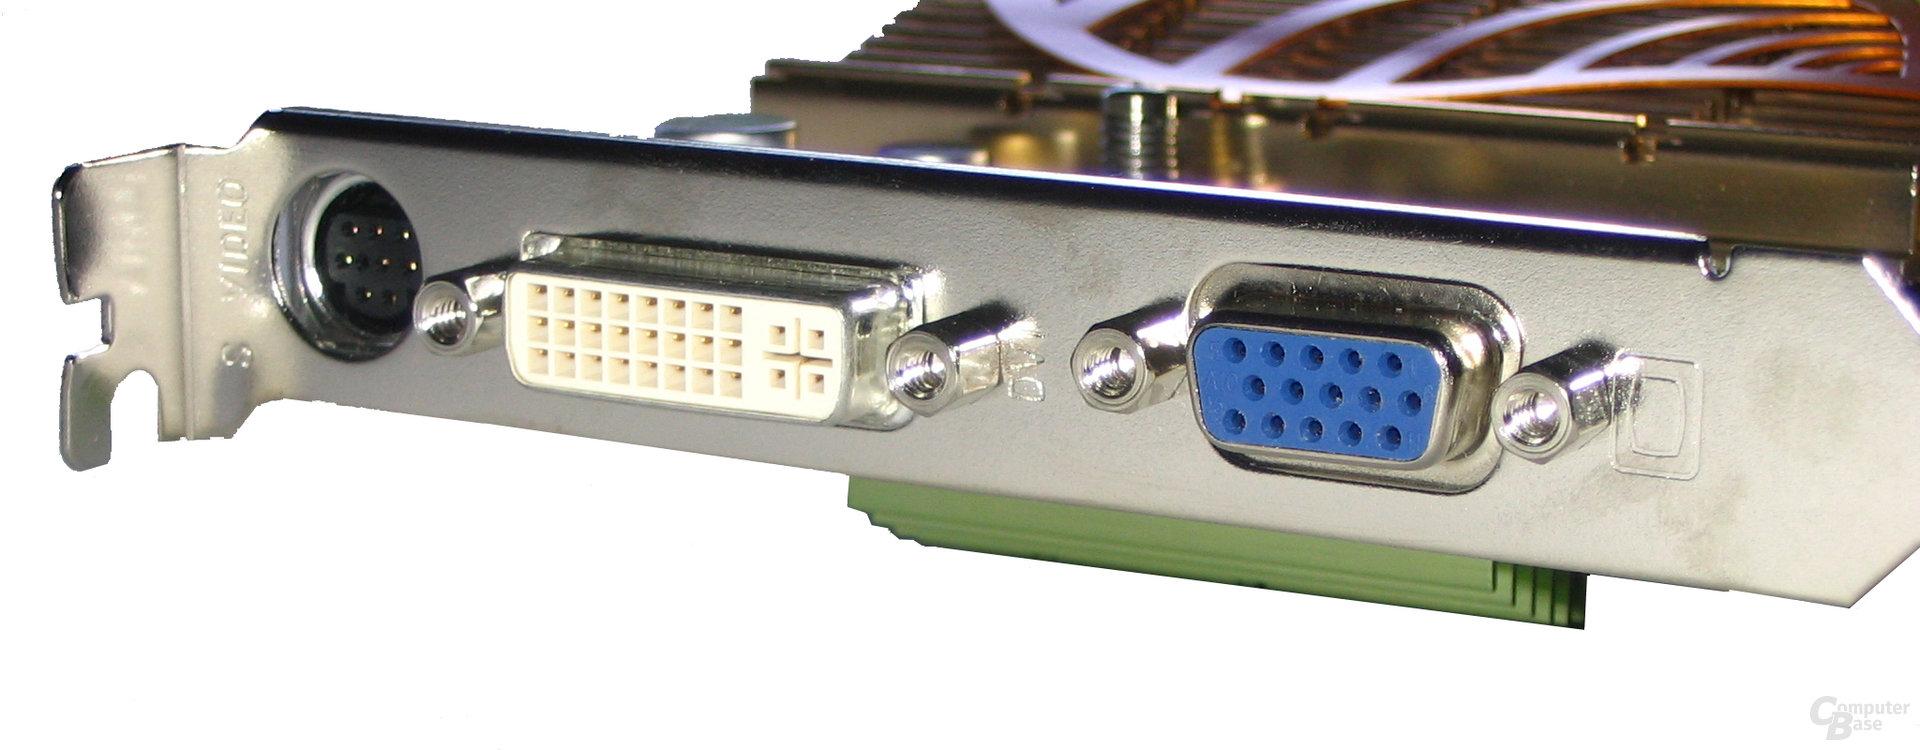 Gigabyte GeForce 6600 GT Front-Panel